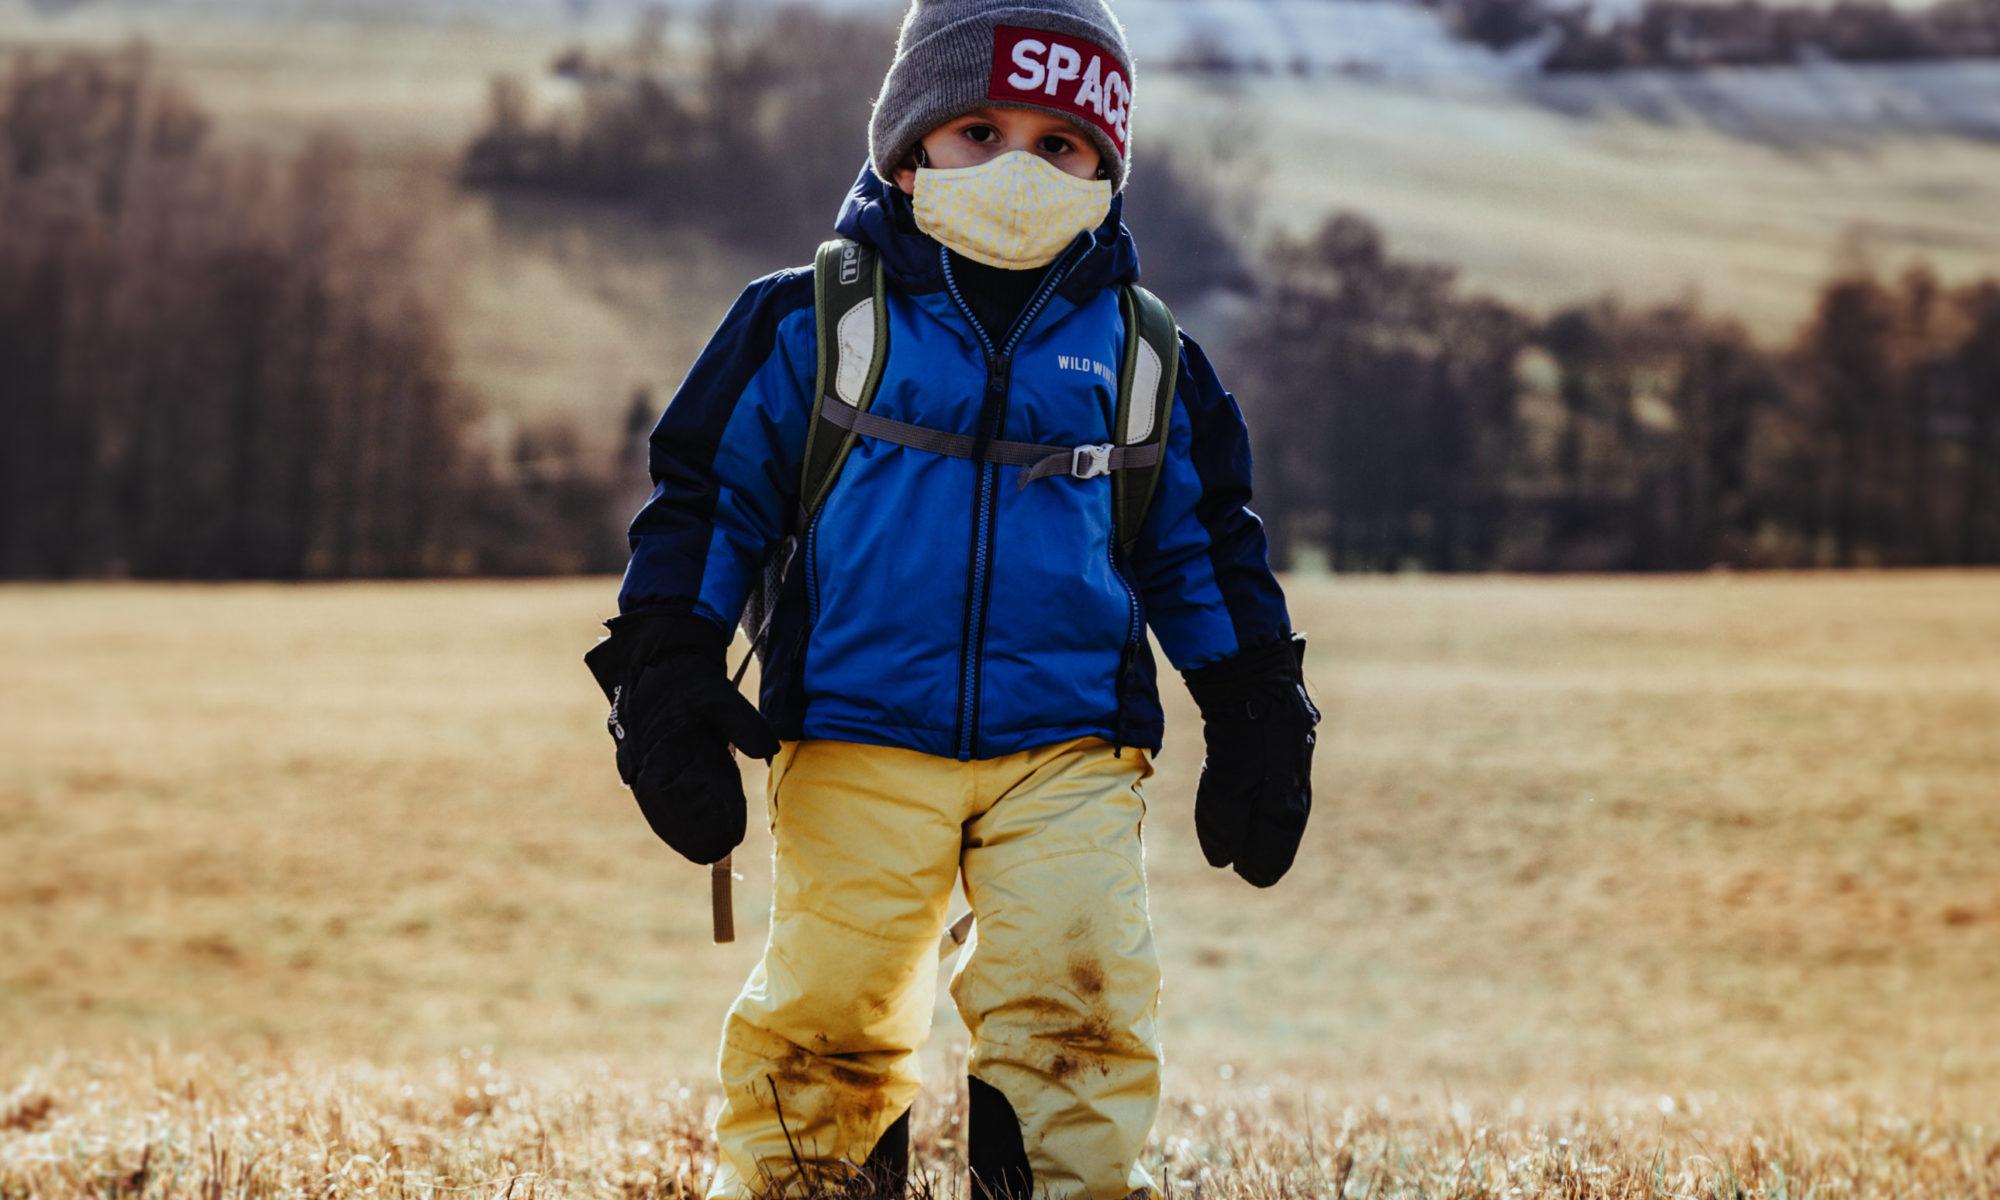 Alleinerziehende in Coronazeiten, der HauptstadtPapa im Spiegel Interview - Wer kümmert sich im Notfall um das Kind? (Bild: Unsplash/Jan Kopřiva)